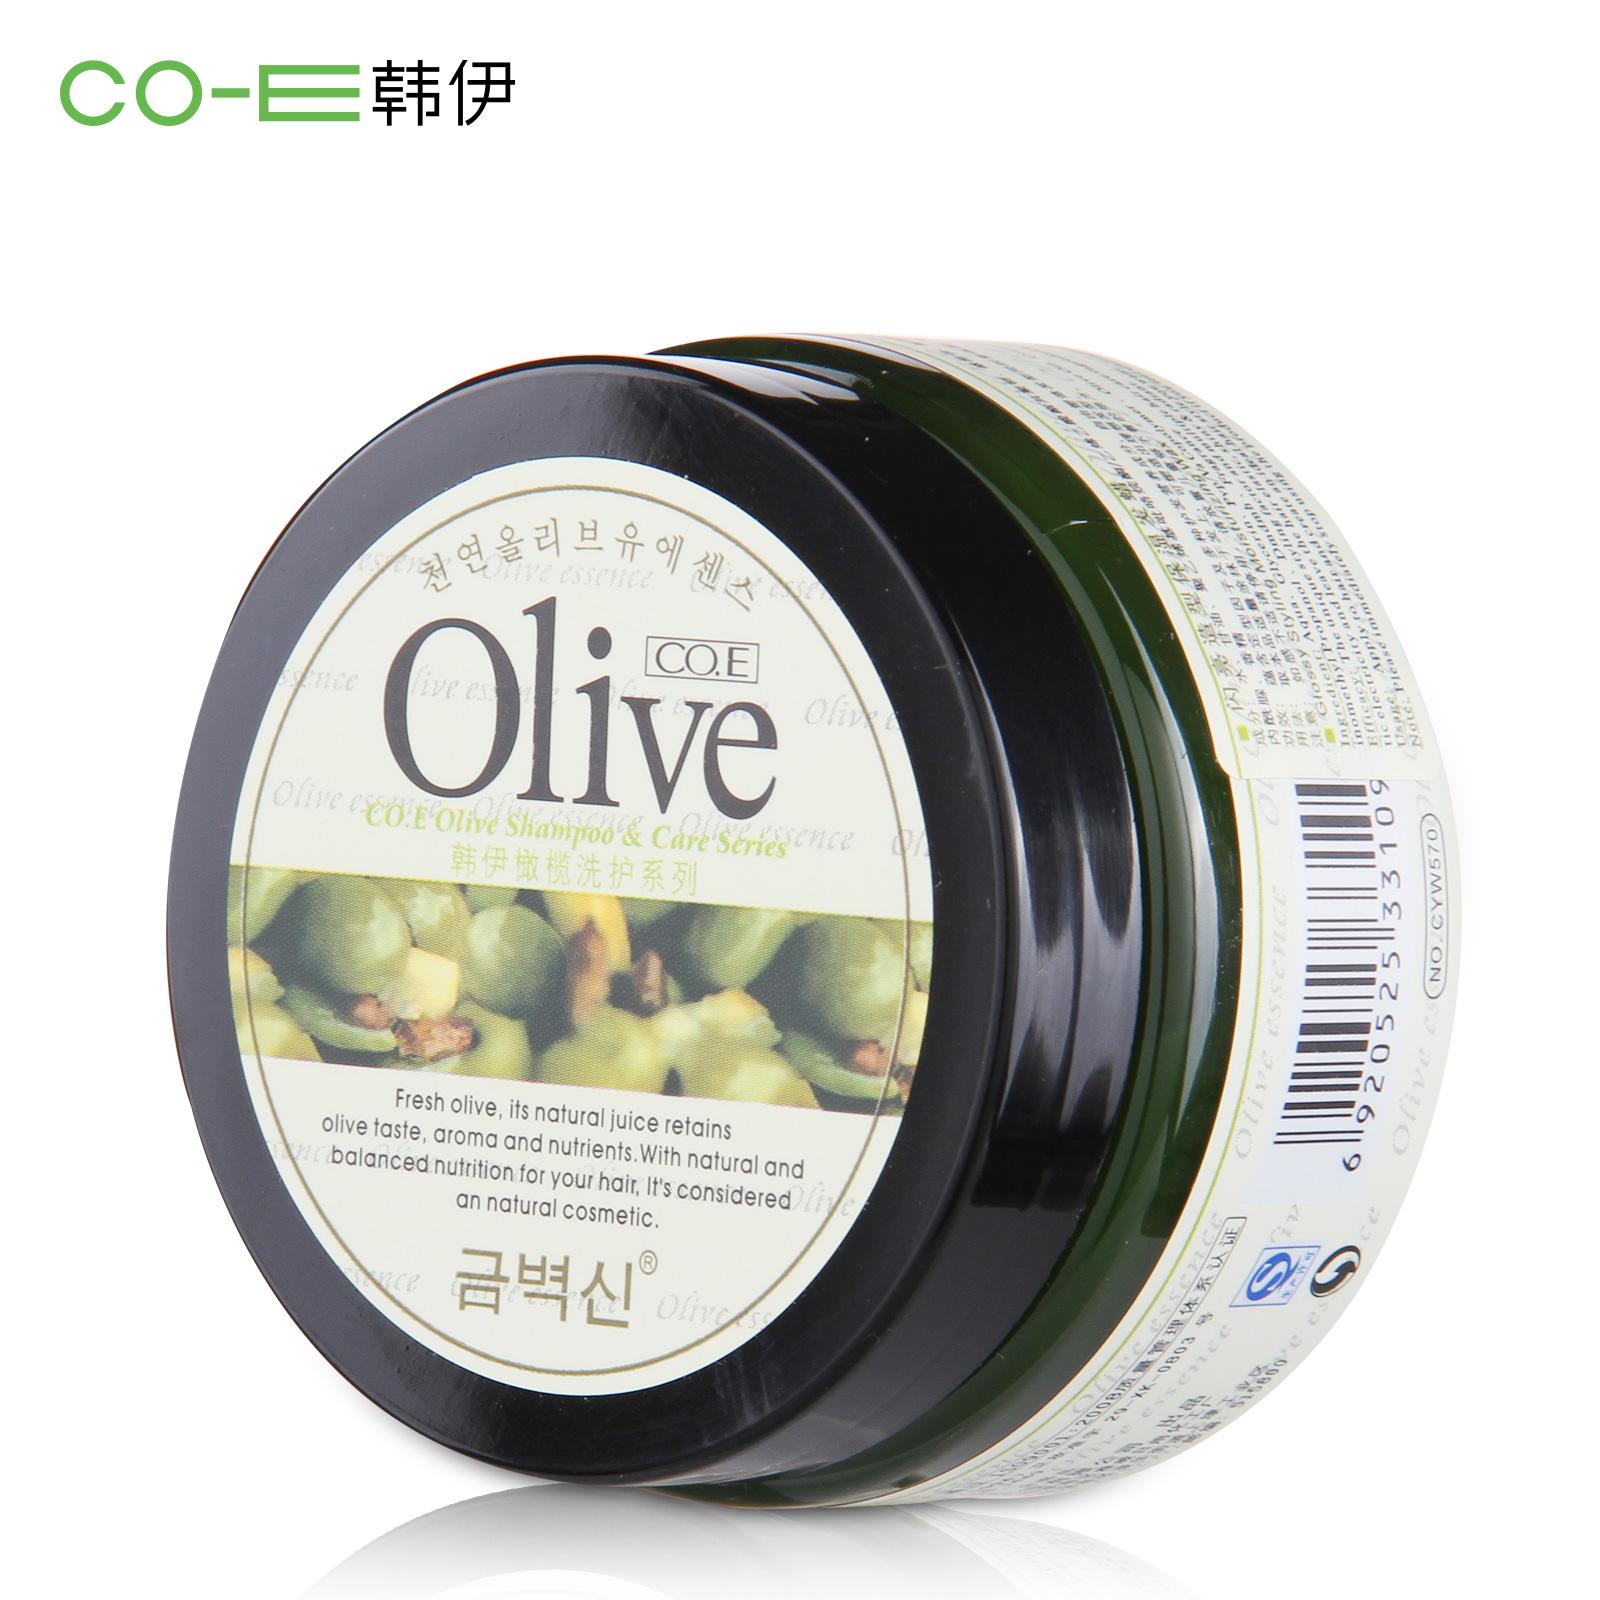 Аксессуары для укладки волос Co. e CO.E -Olive 100g шампунь co e 500ml